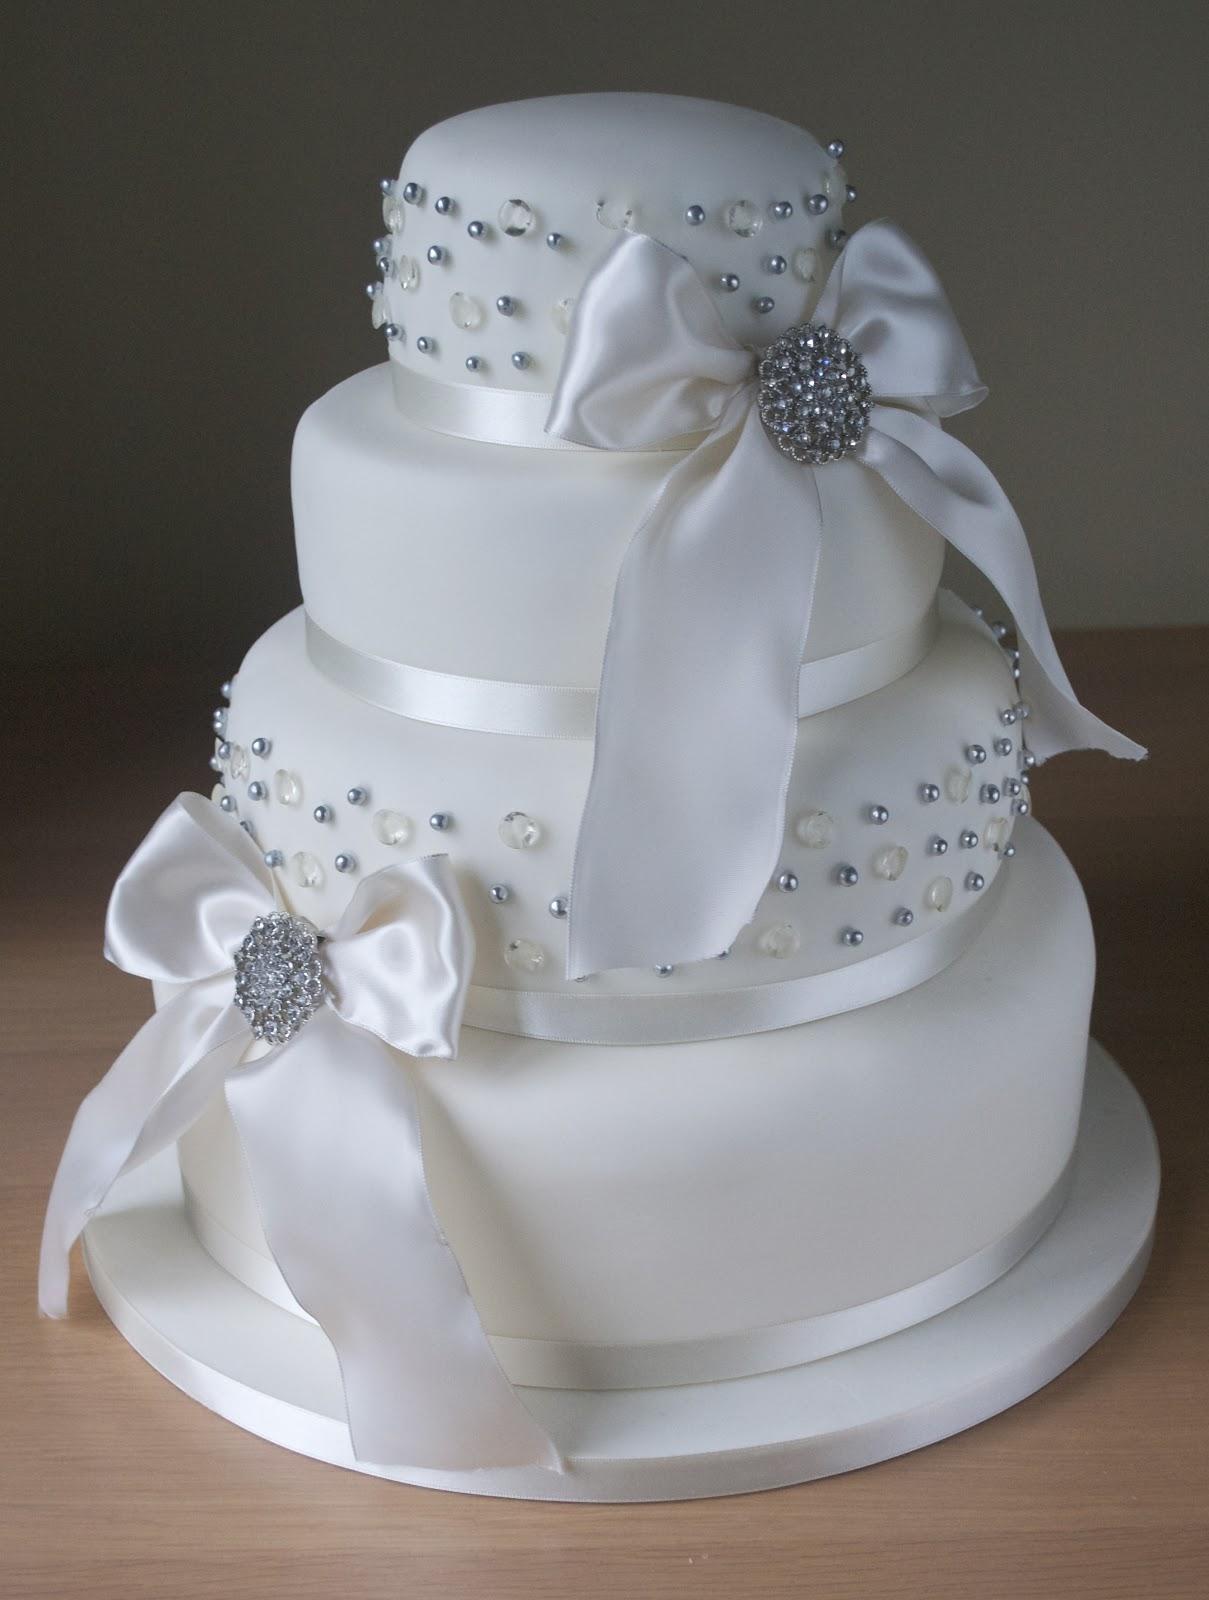 Edible Diamond Cake Ribbon